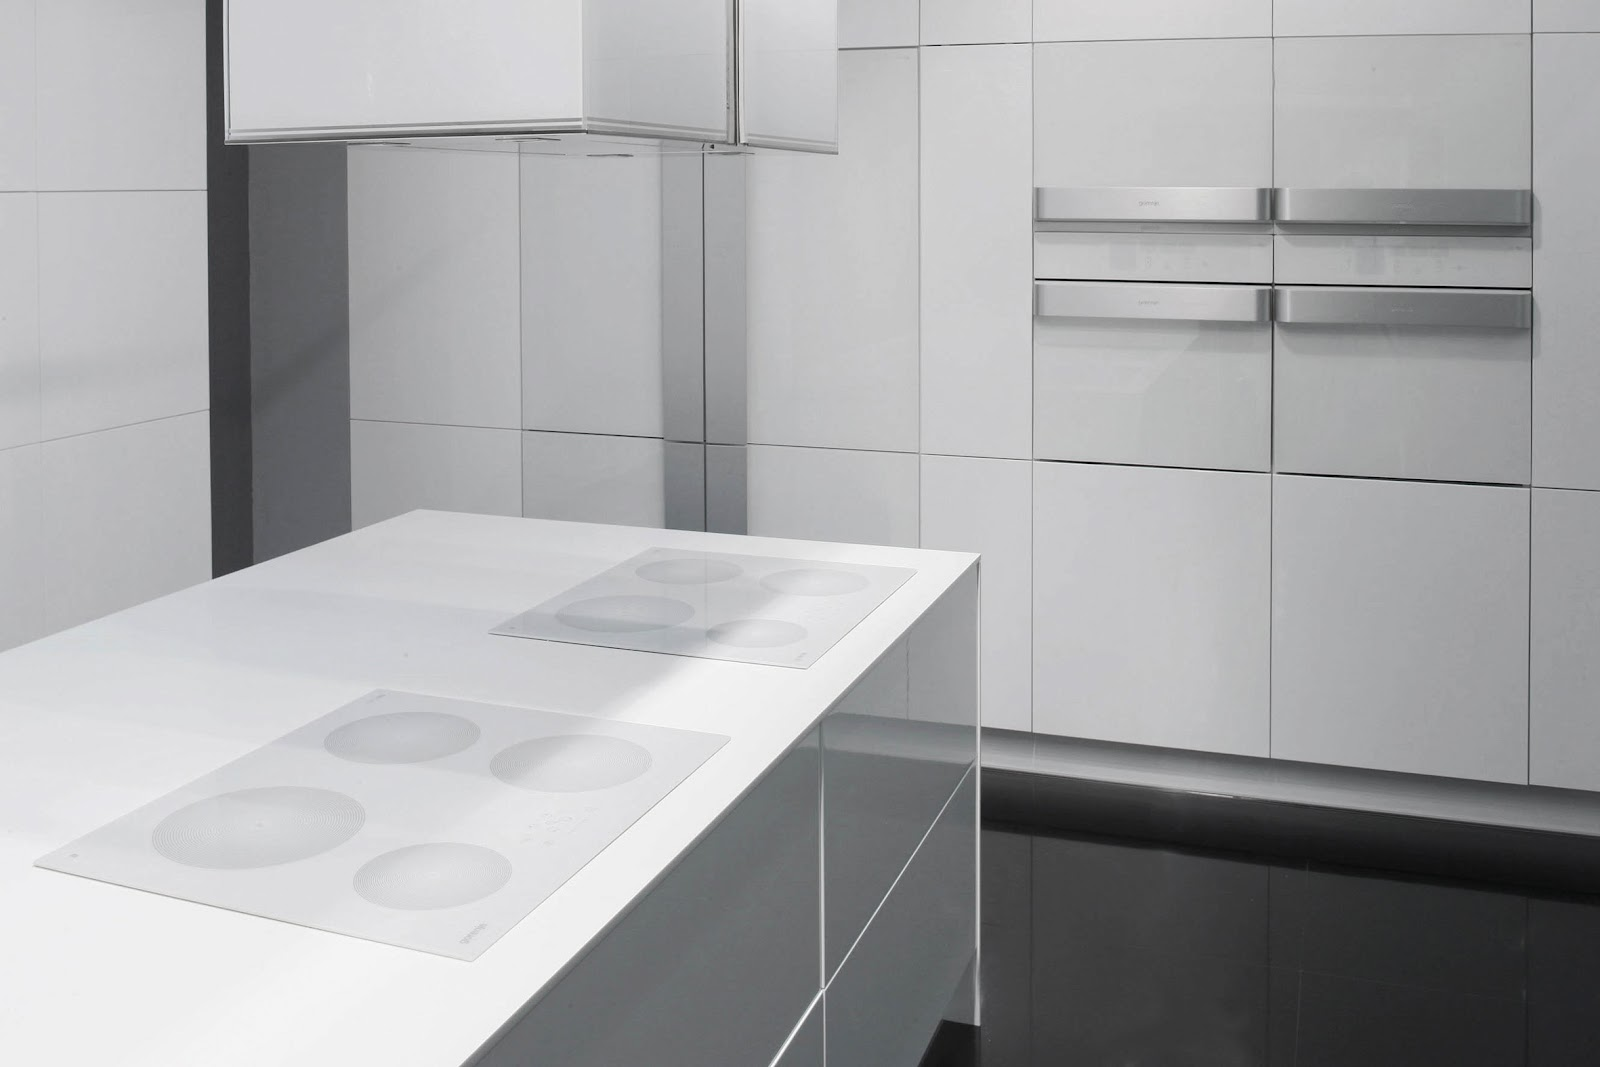 table cuisson gaz induction four et table de cuisson sur. Black Bedroom Furniture Sets. Home Design Ideas